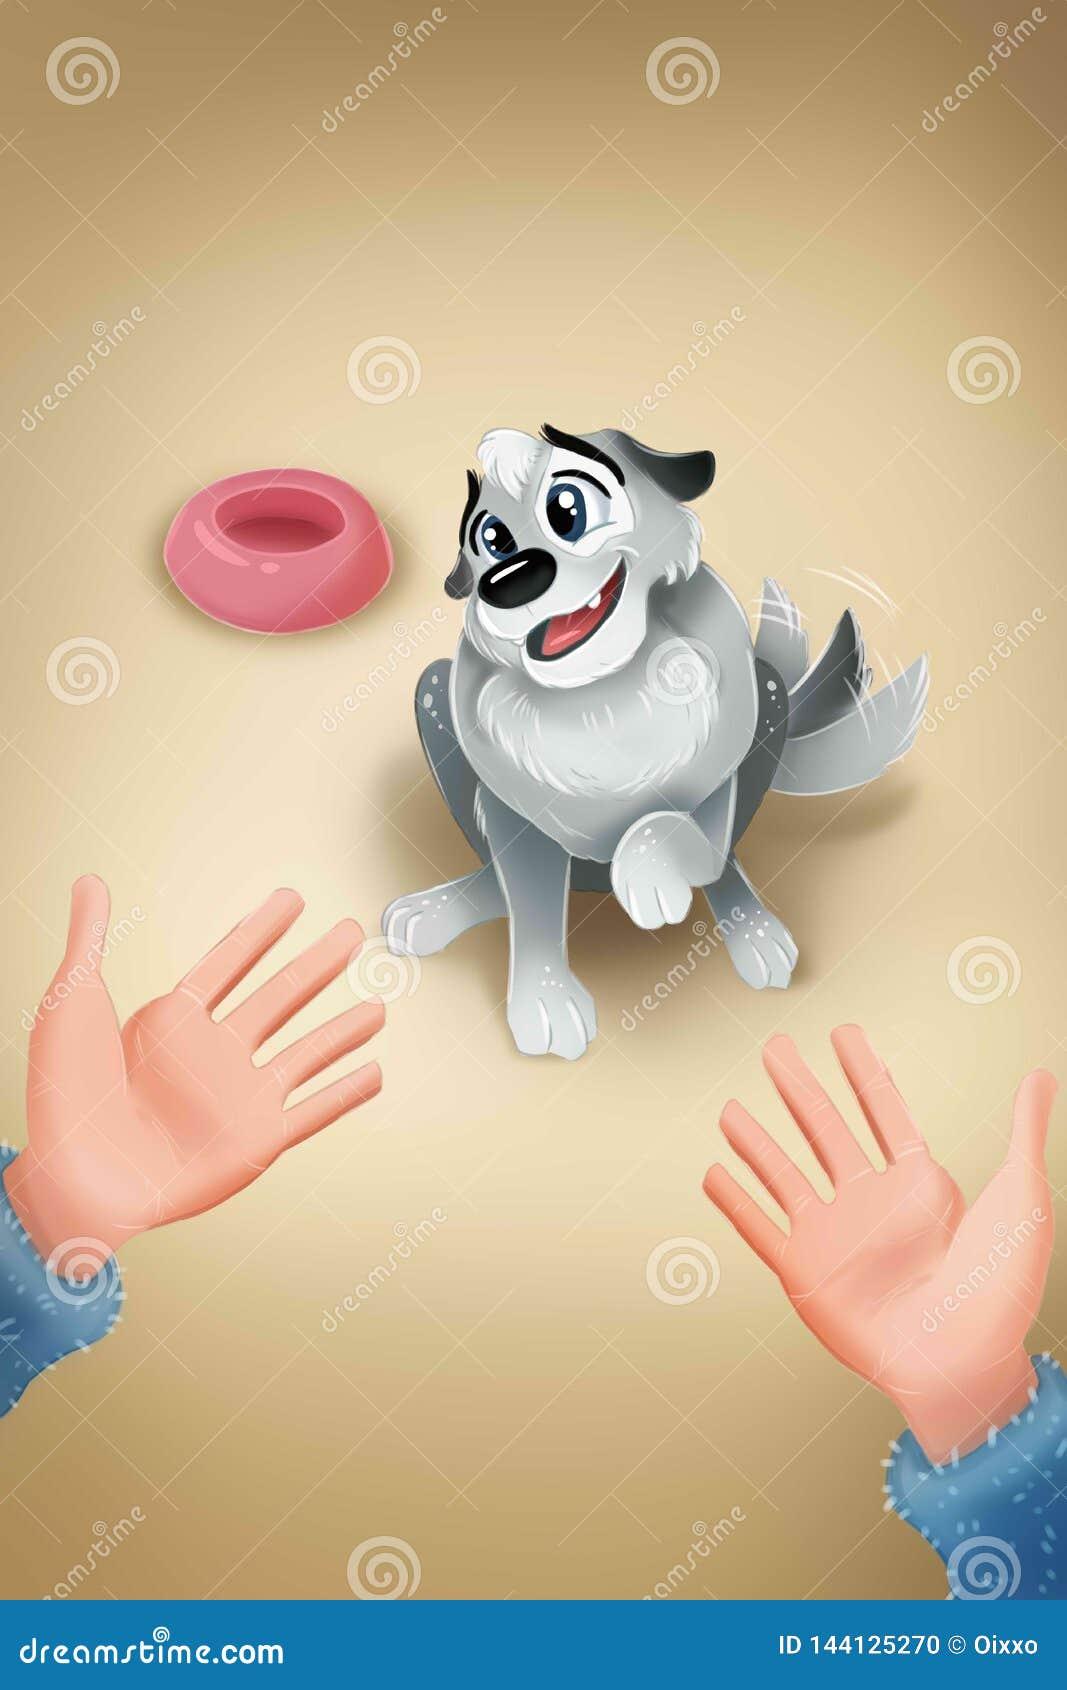 Hand i en öppen gest som möter en gullig valphund